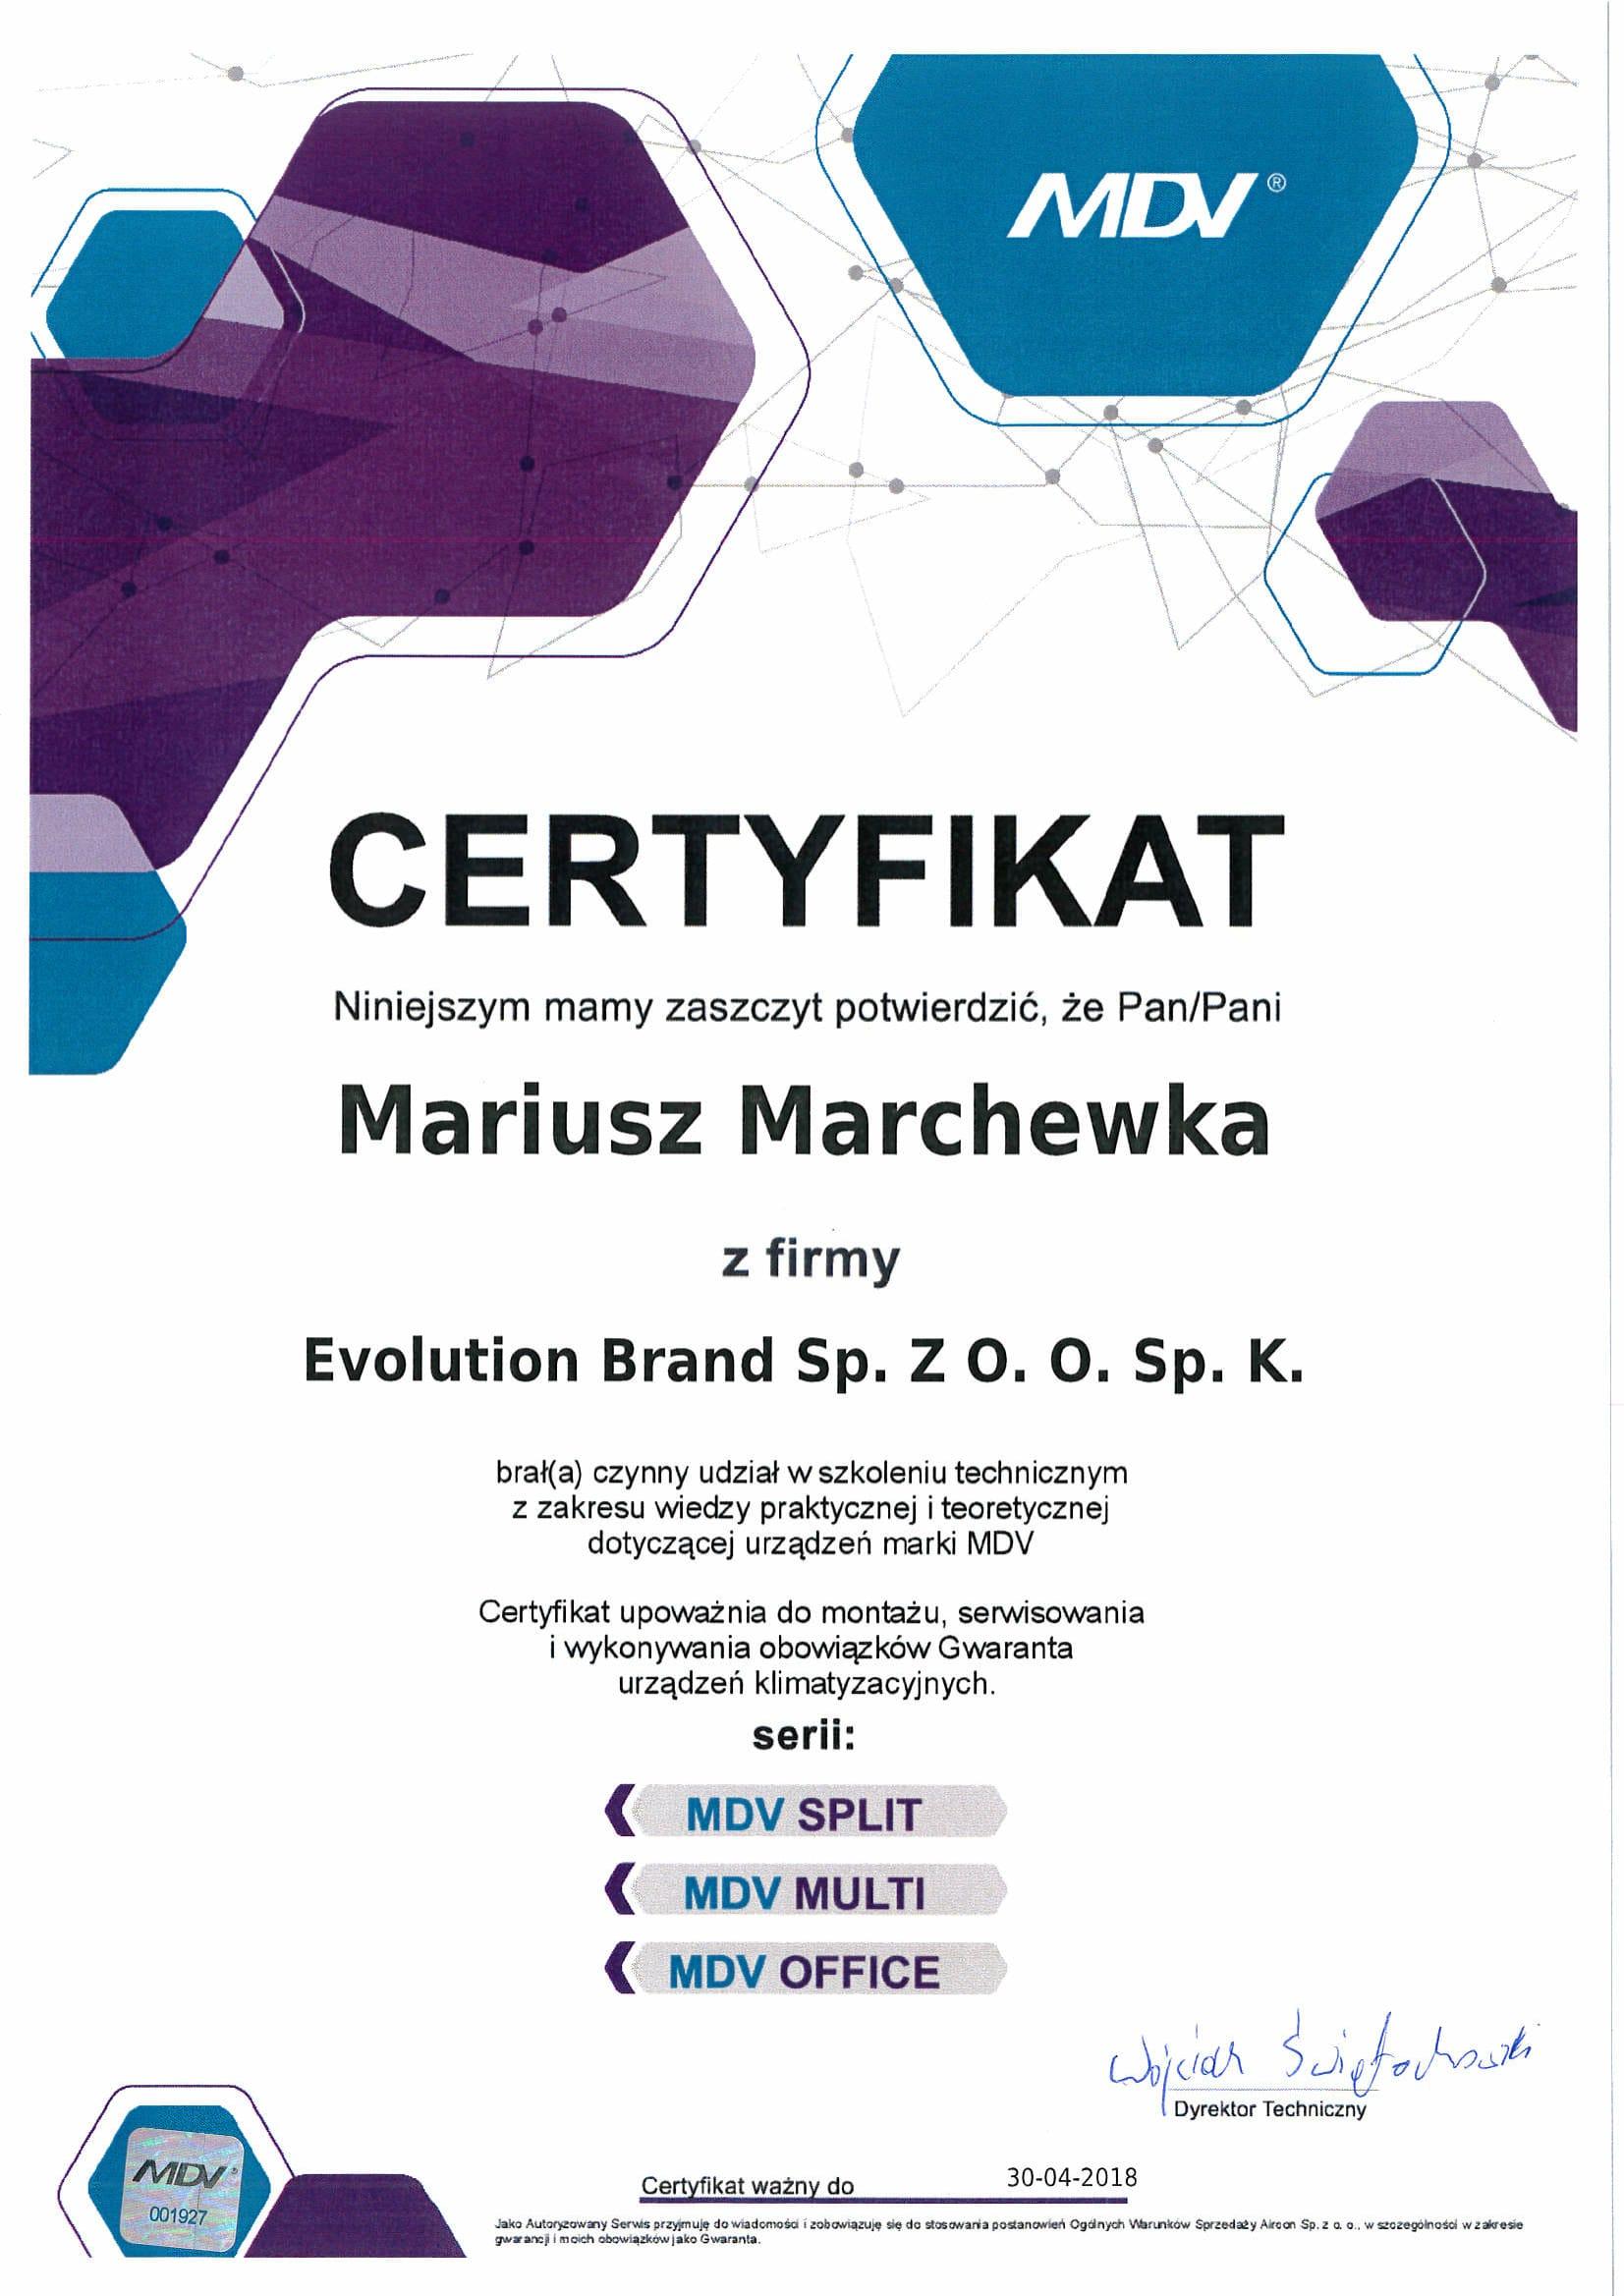 Certyfikat MDV 2017